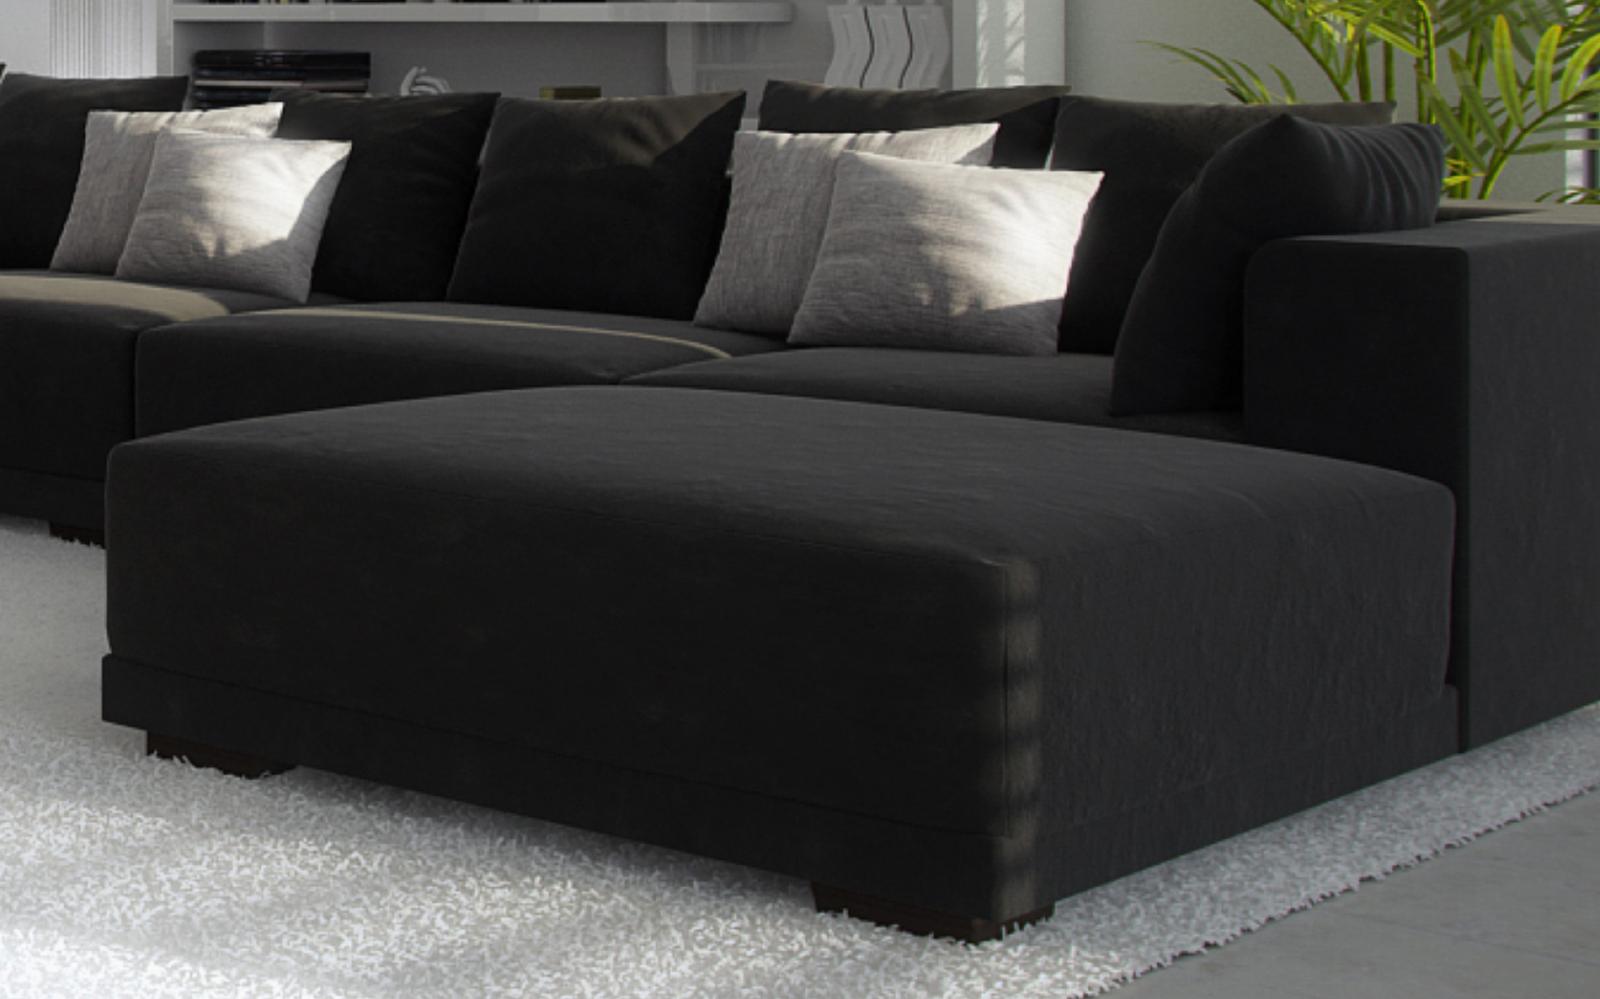 Wohnzimmer Couchgarnitur Von Wohnideen Und Einrichtung